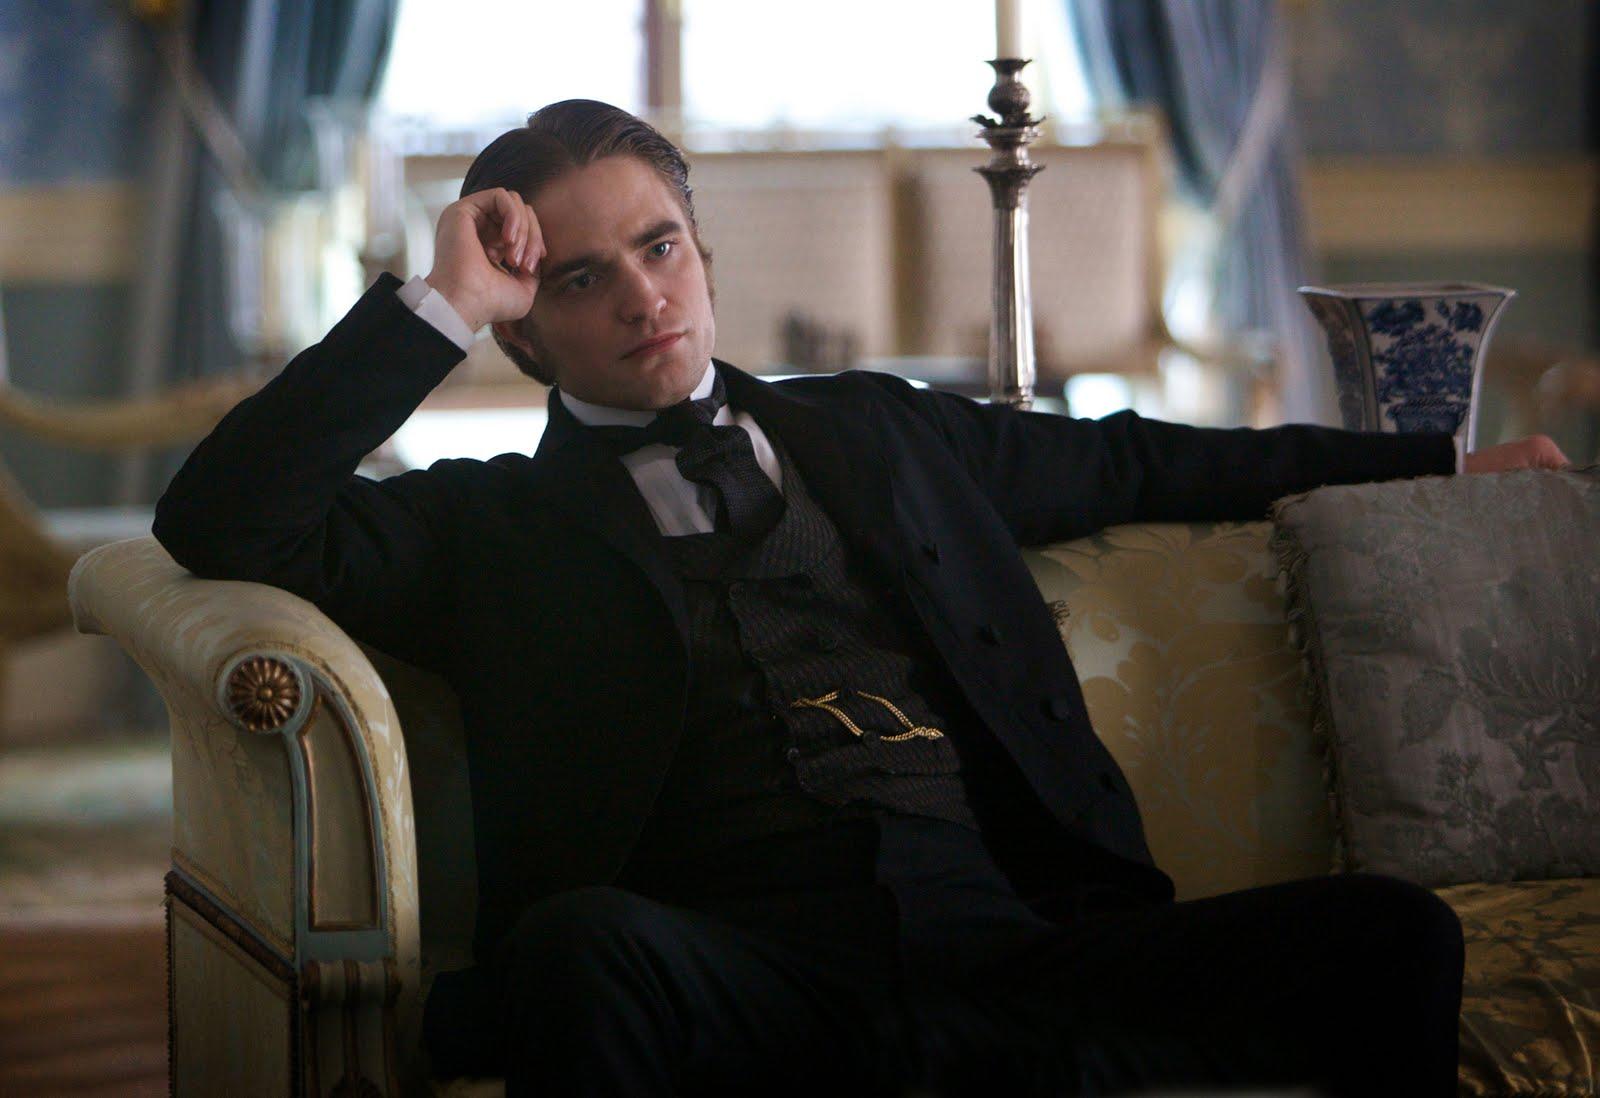 http://1.bp.blogspot.com/_1lsrycz7OMk/S-BTqtH4AmI/AAAAAAAADFc/TnNm4T6b1Uo/s1600/Bel_Ami_Robert-Pattinson_movie_image-2%5B1%5D.jpg